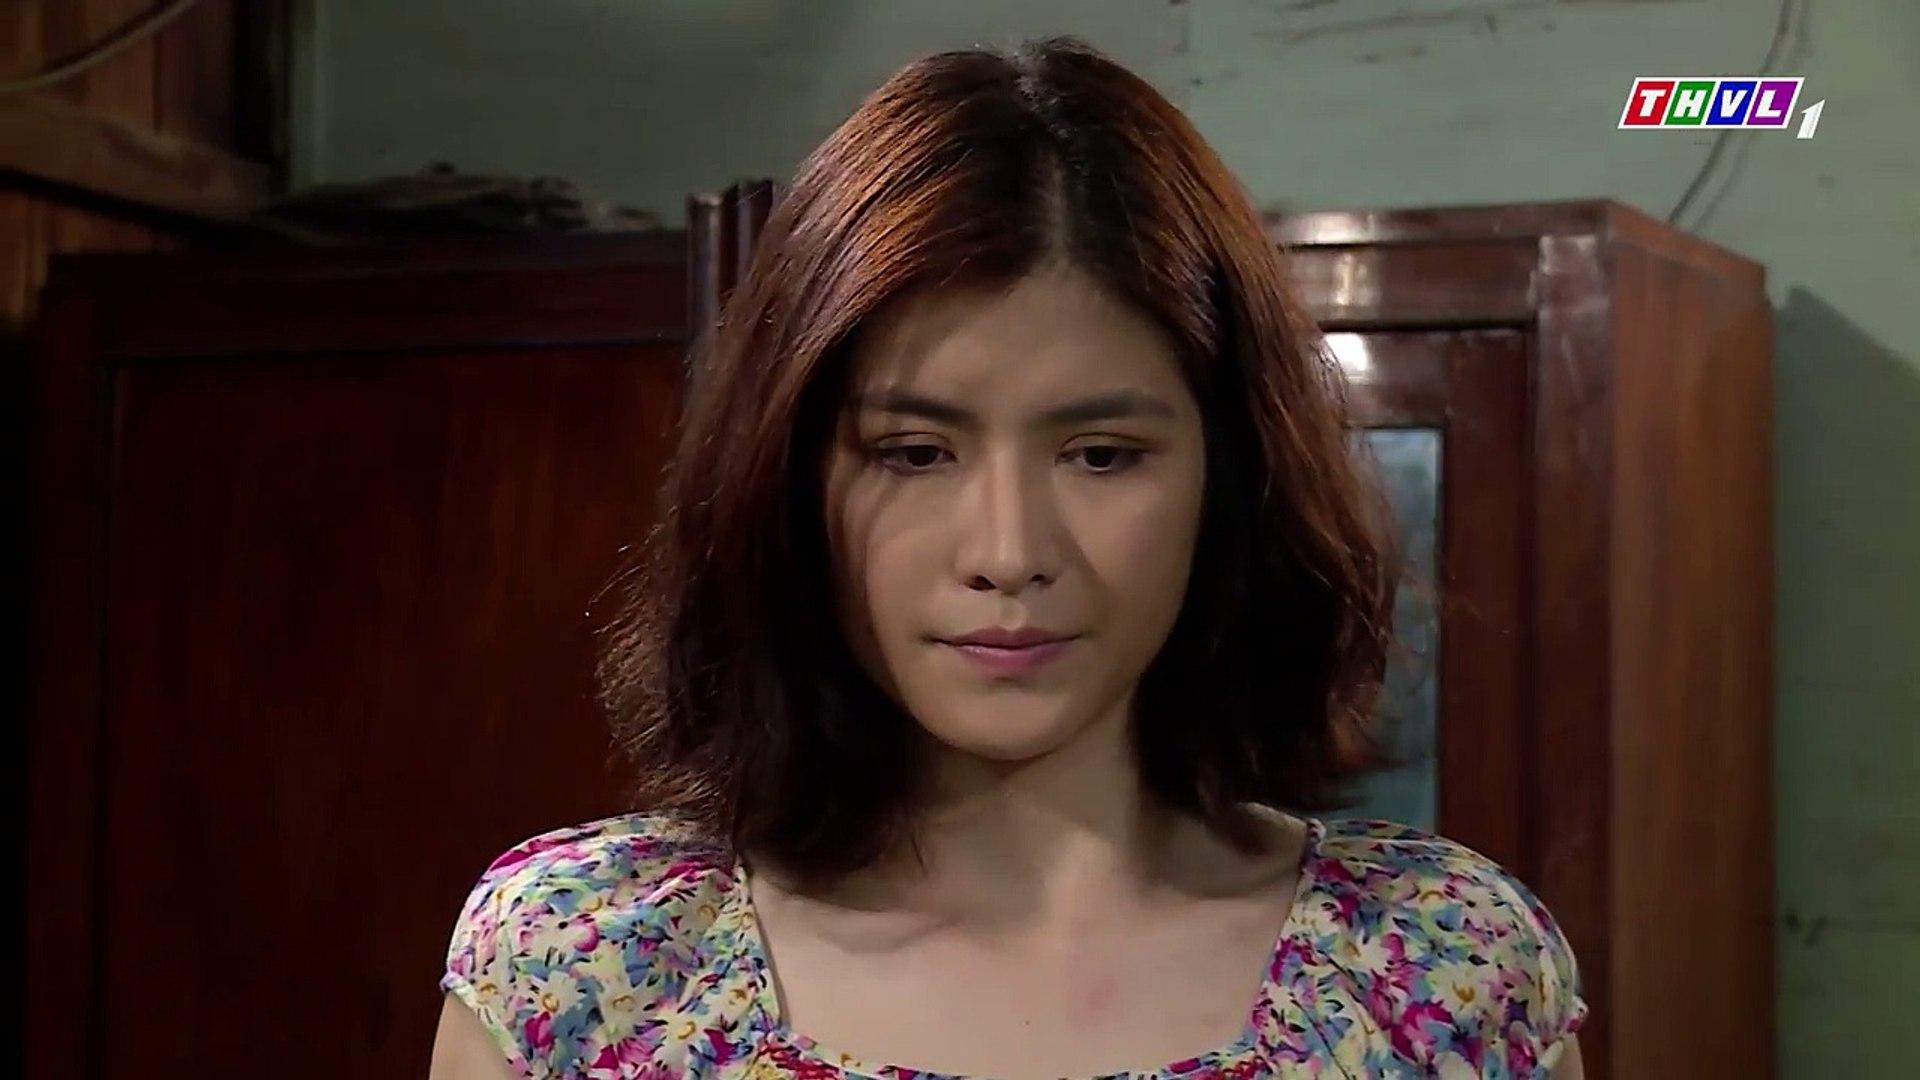 THVL   Sống trong bóng đêm - Tập 22-5  Tâm chăm sóc Hương chu đáo khiến cô vô cùng cảm kích